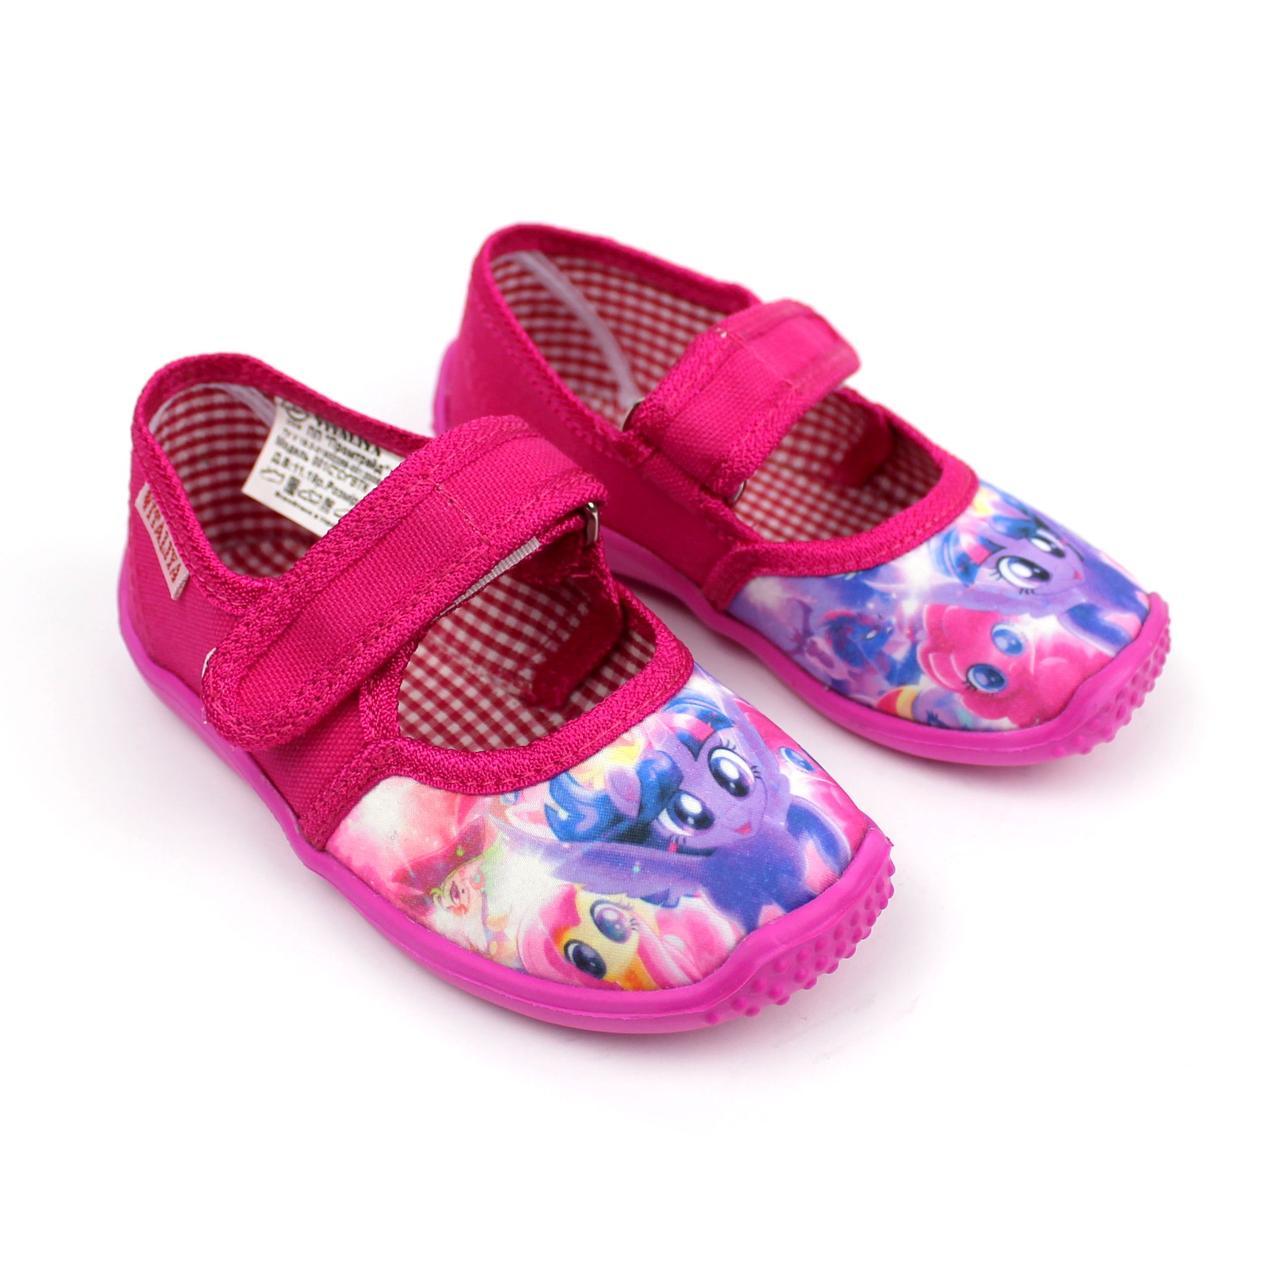 Тапочки в садик на девочку Пони текстильная обувь Vitaliya Виталия Украина р.23,24,25,5